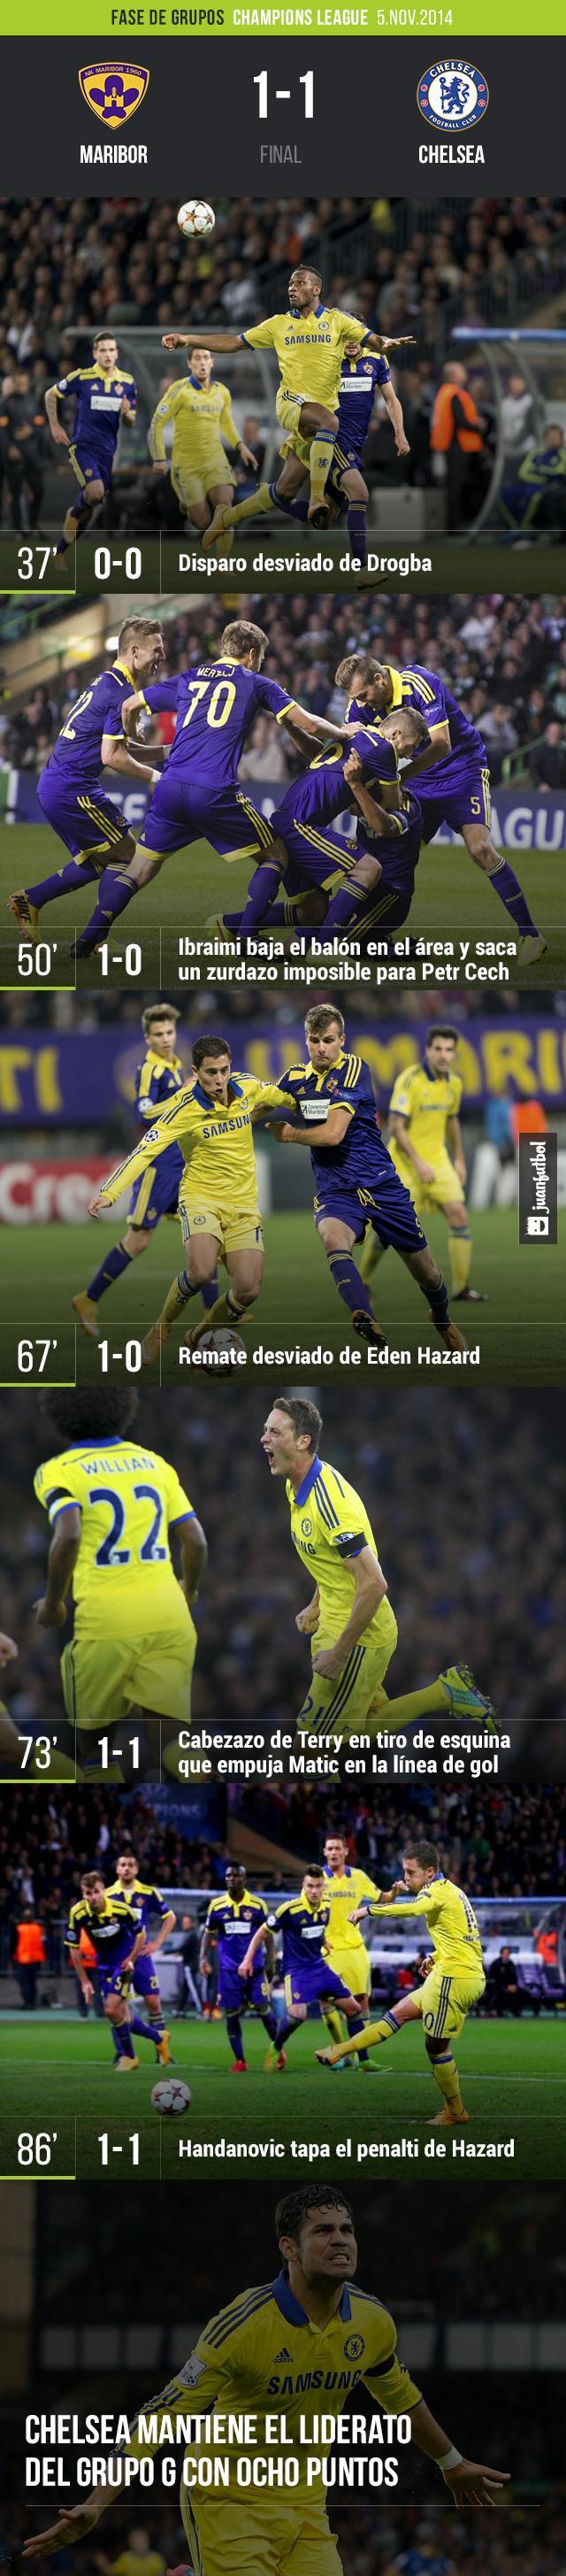 El Chelsea empata con el Maribor 1-1 pero mantiene el liderato del grupo G con 8 puntos